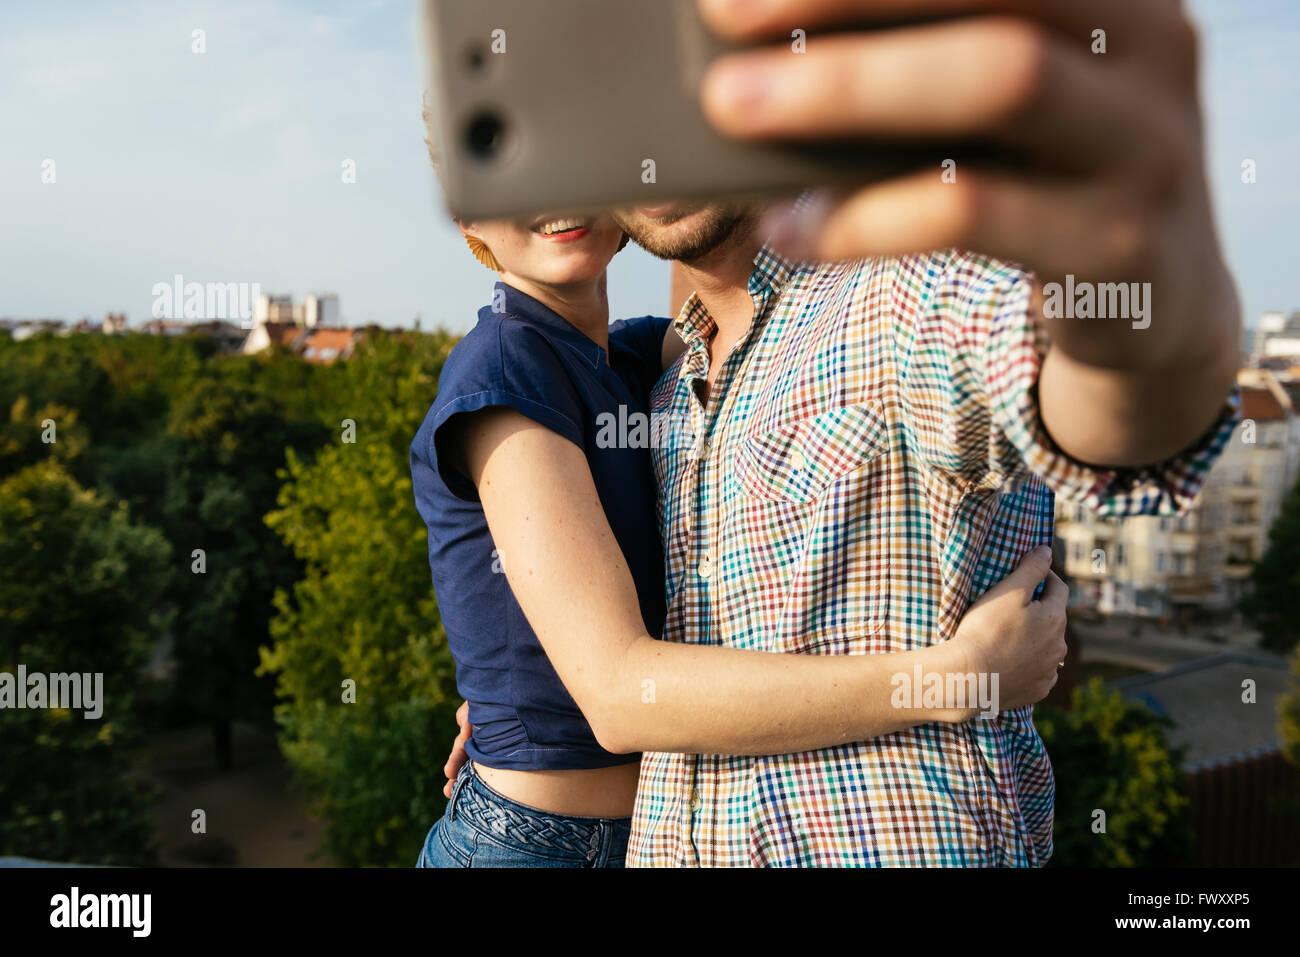 Deutschland, Berlin, junges Paar umarmt und unter Selfie mit Smartphone Stockfoto